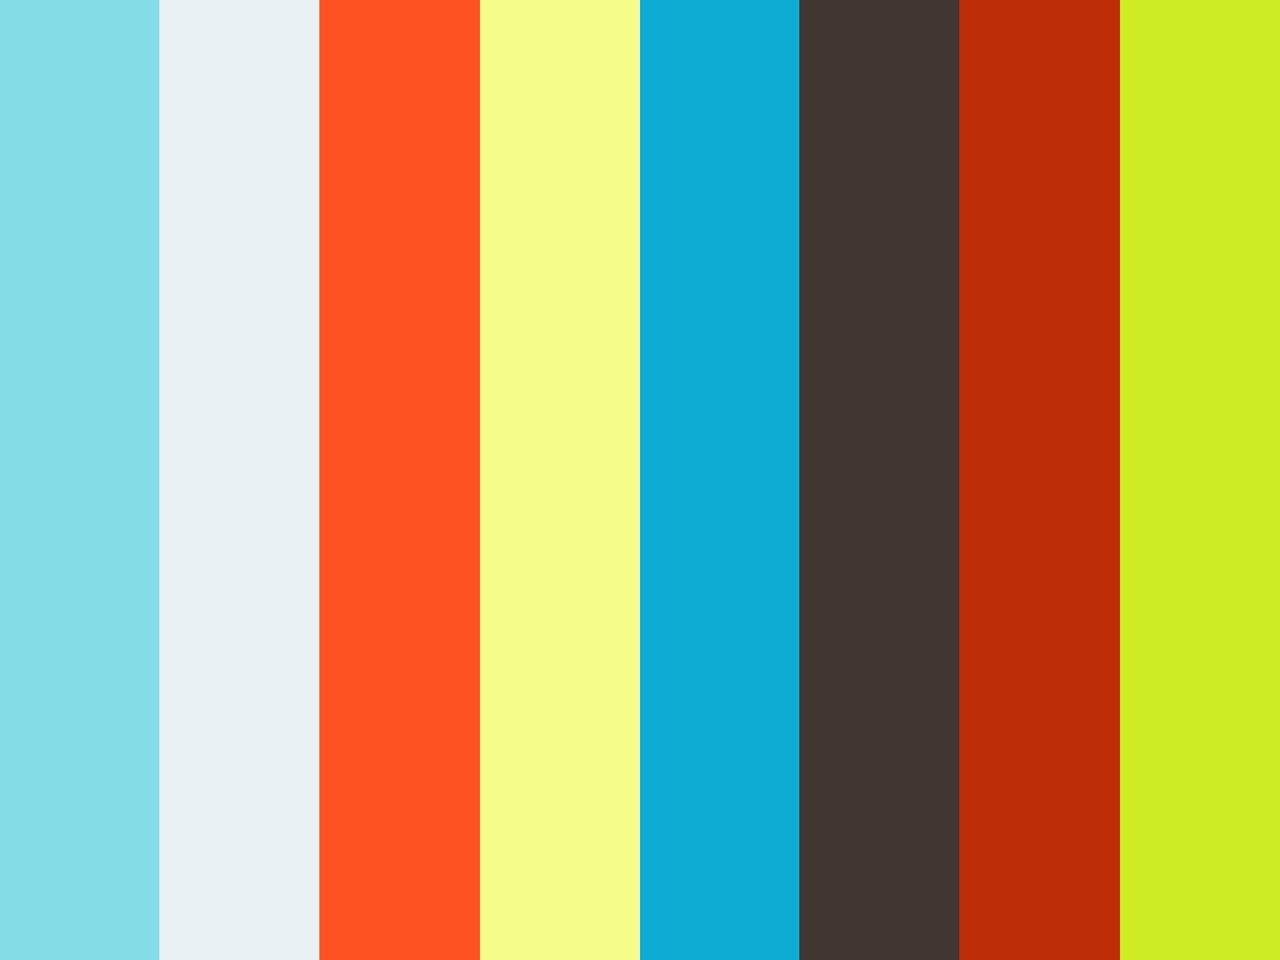 Värvide sorteerimise mäng